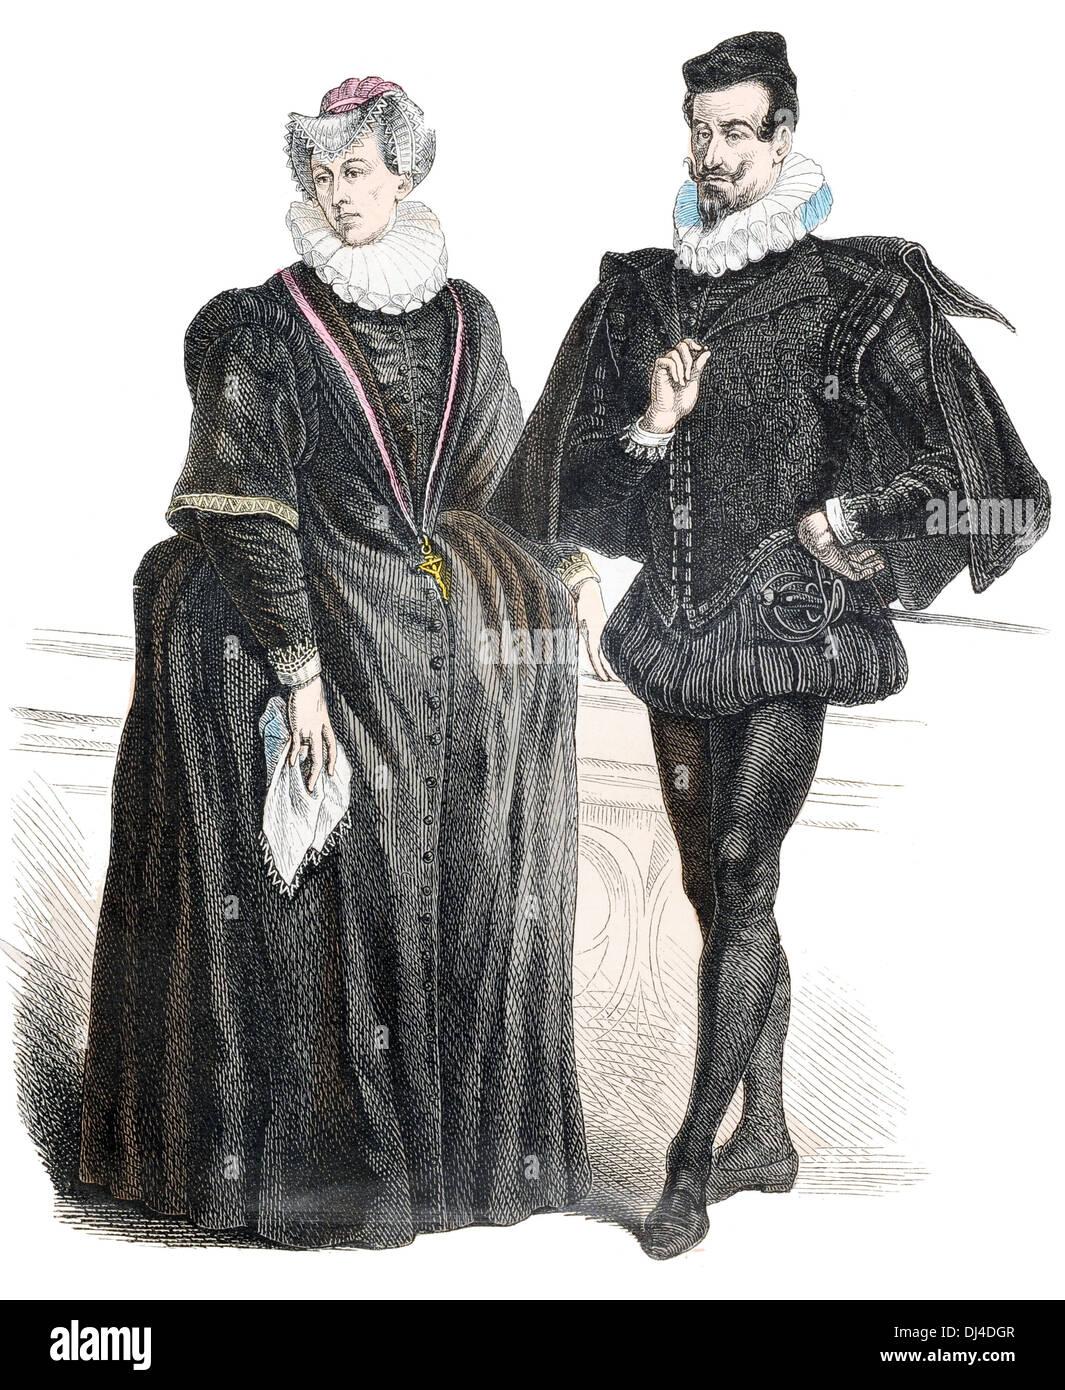 German Patrician 16th Century - Stock Image